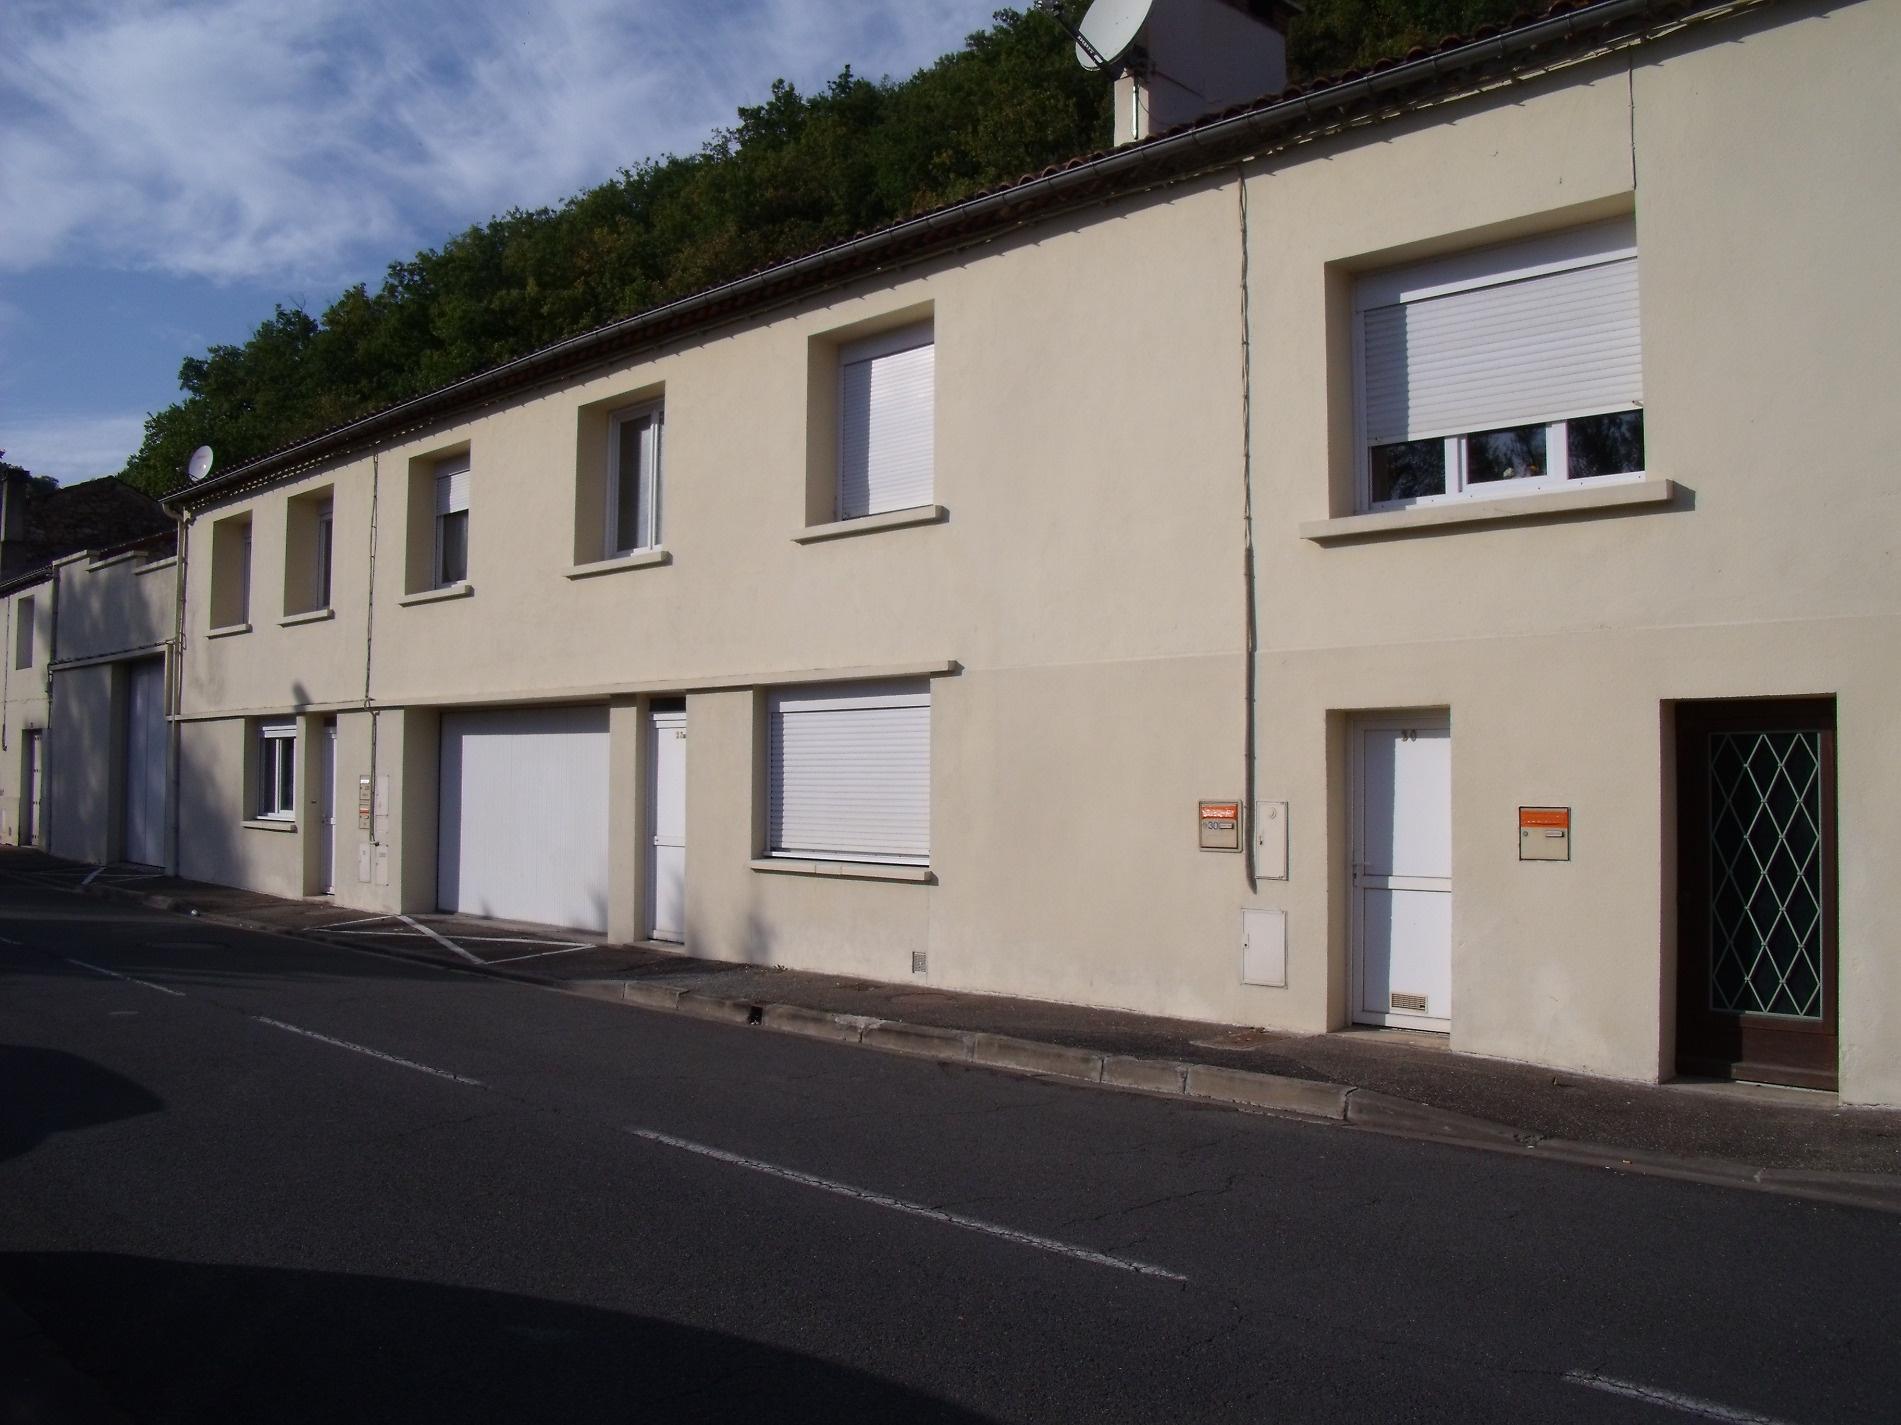 Vente maison/villa 8 pièces fumel 47500